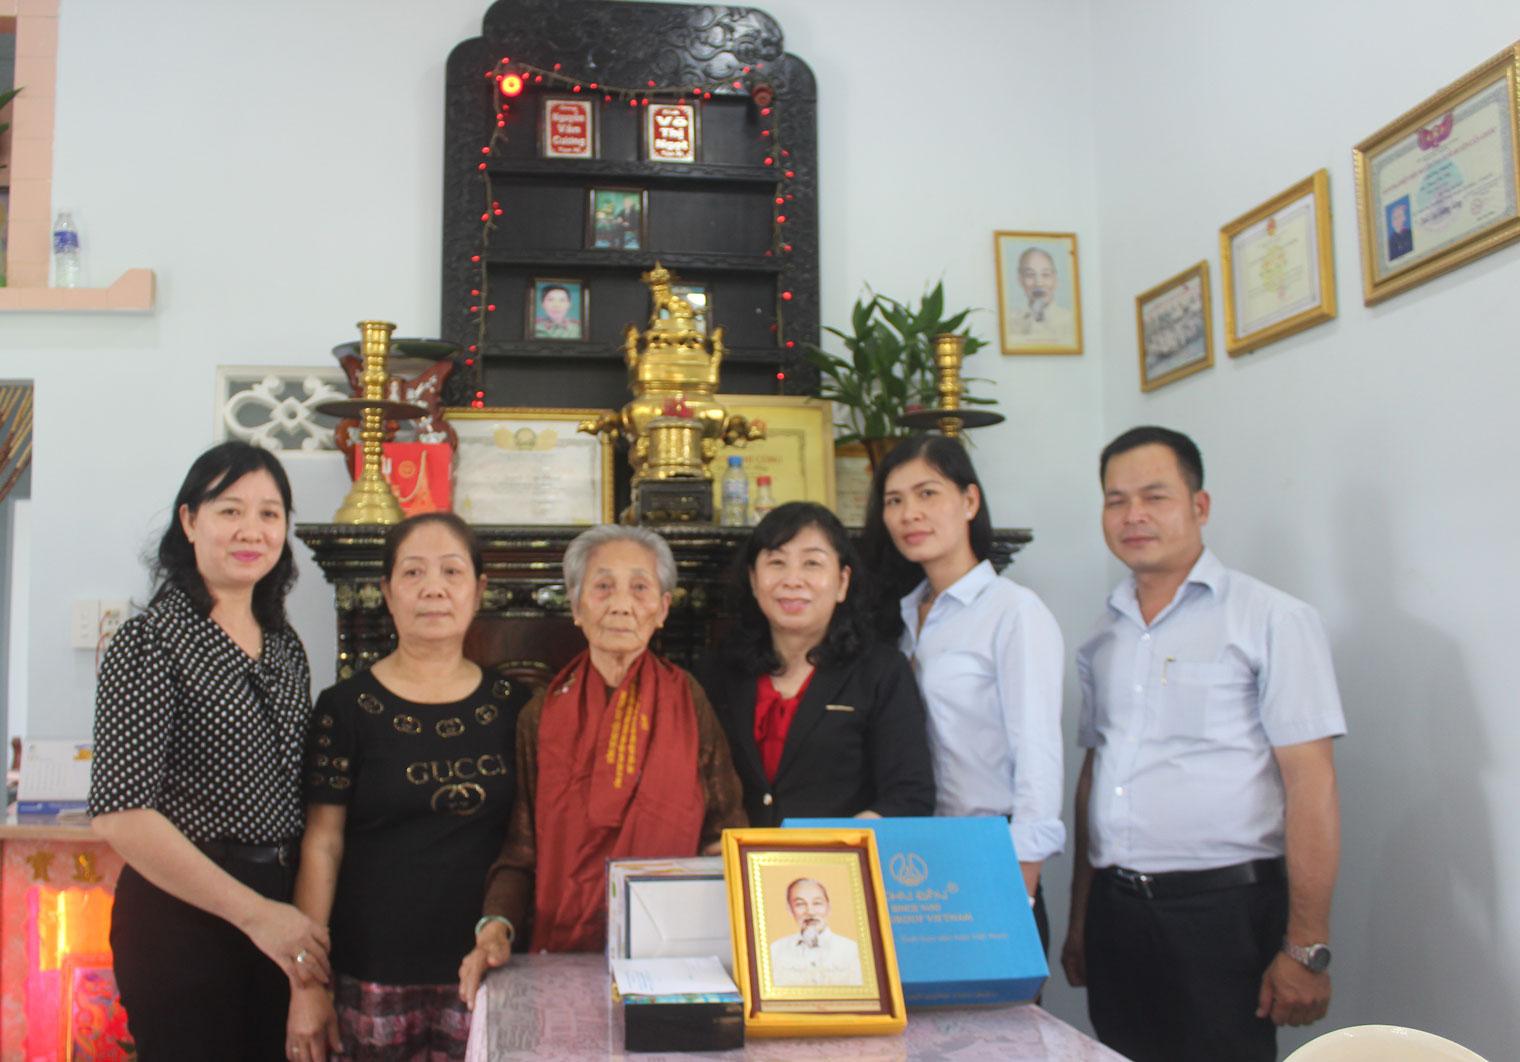 Giám đốc Sở Lao động - Thương binh và Xã hội - Nguyễn Hồng Mai tặng quà của Chủ tịch nước cho Mẹ Việt Nam Anh hùng Phan Thị Nhị